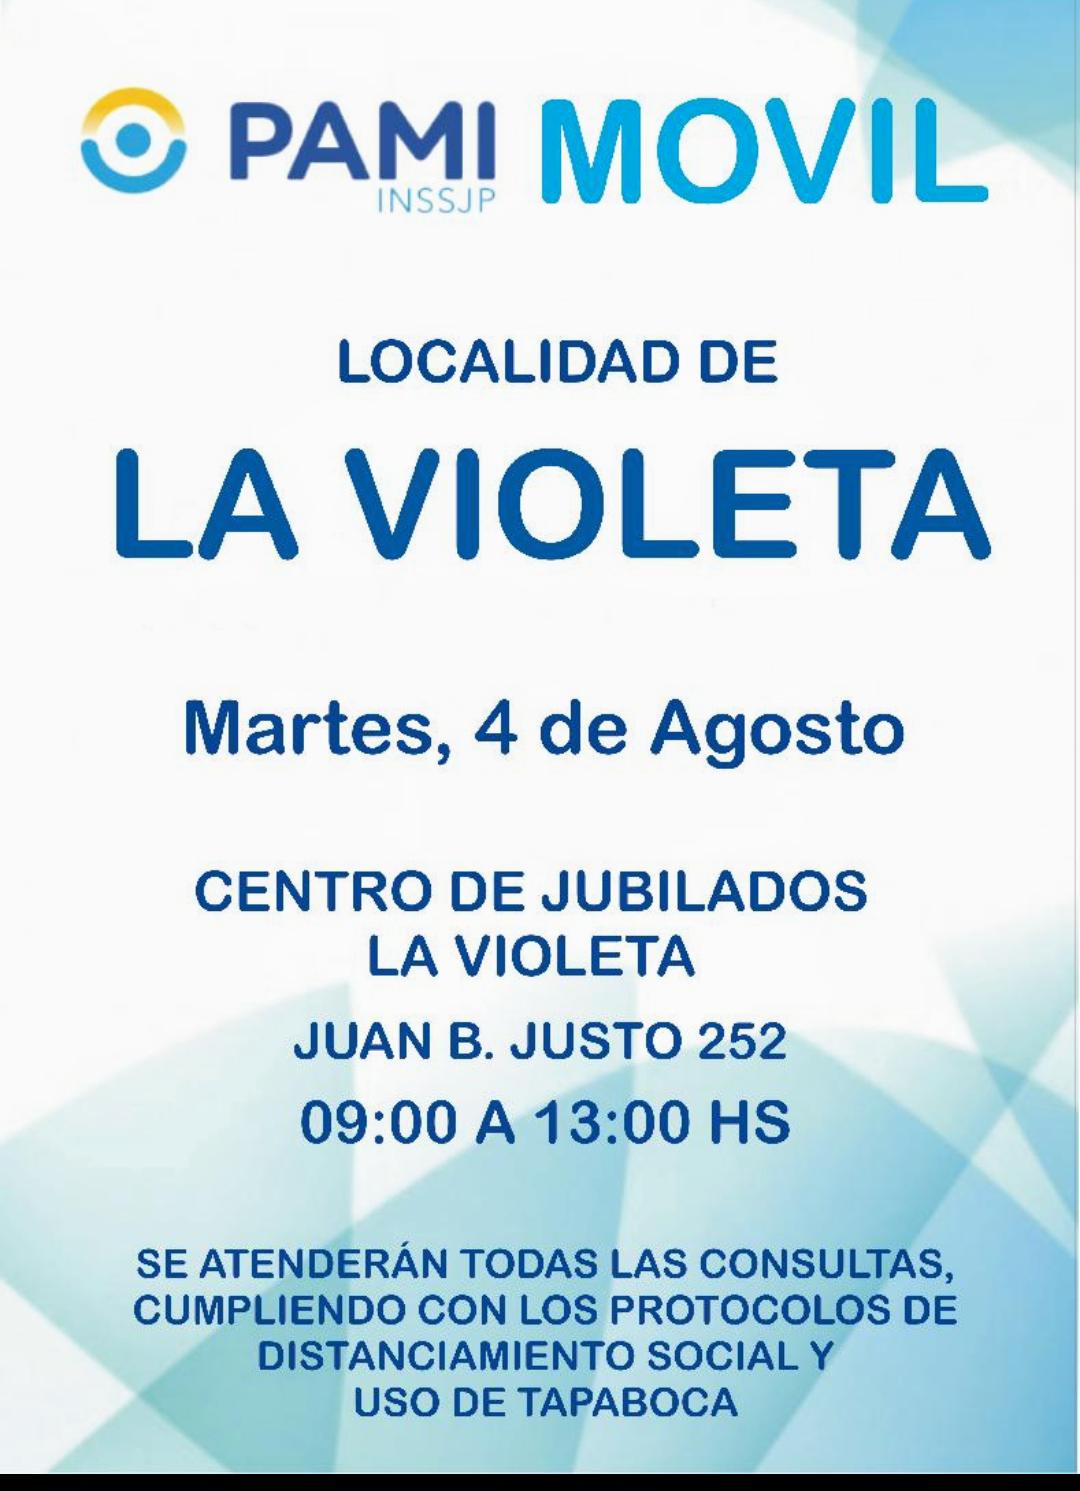 PAMI Móvil estará hoy en La Violeta y el Viernes en Otero 1